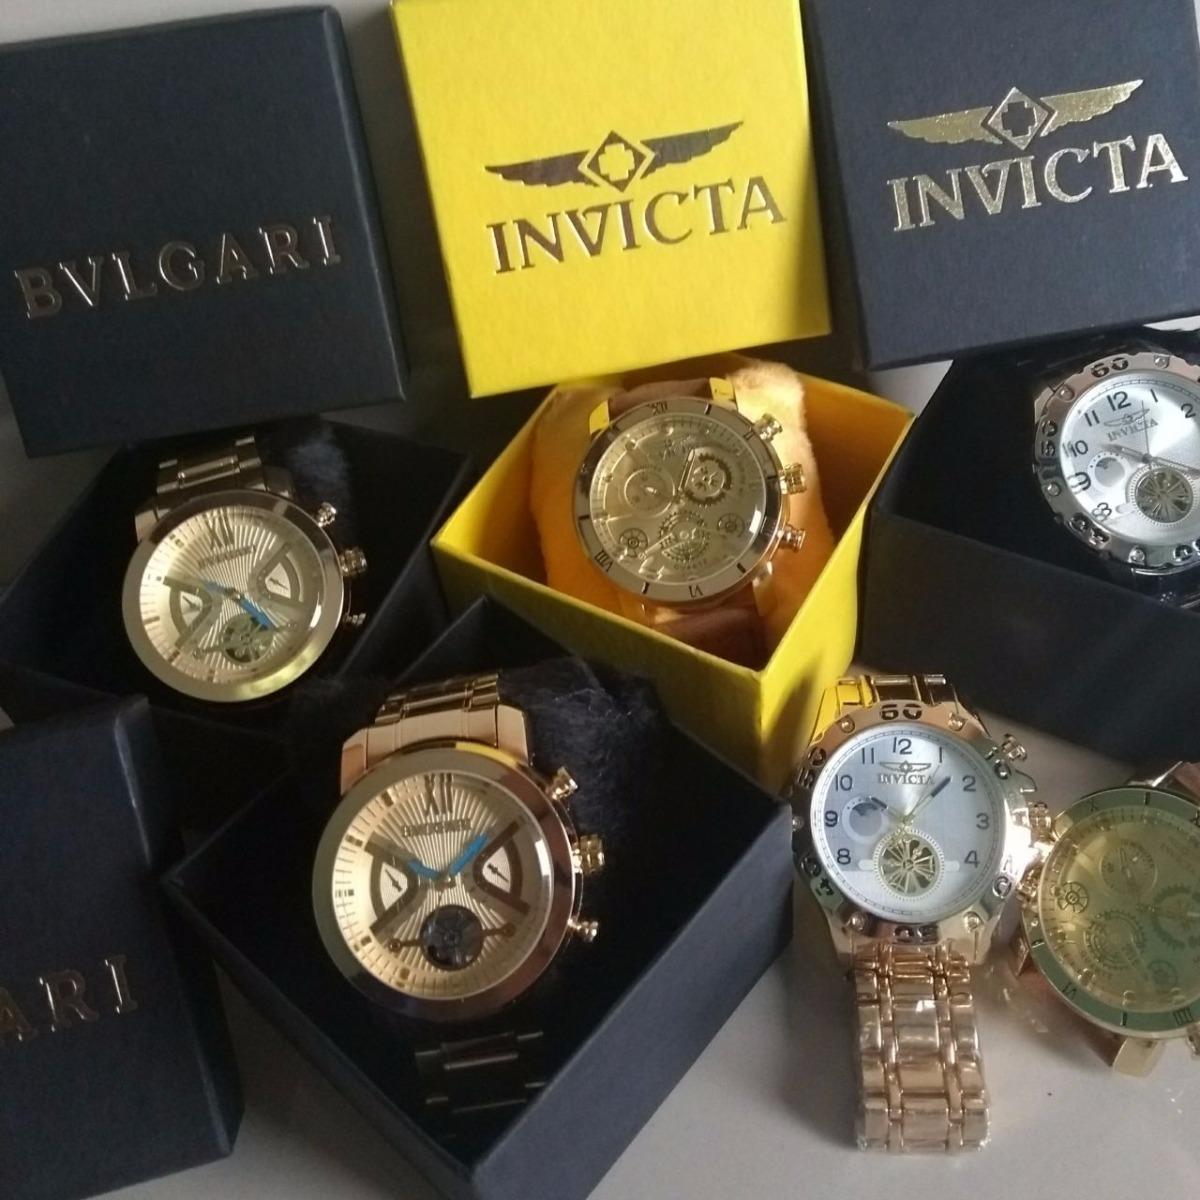 58c04af78a3 kit com 4 relógios masculino luxo + caixa atacado promoção. Carregando zoom.